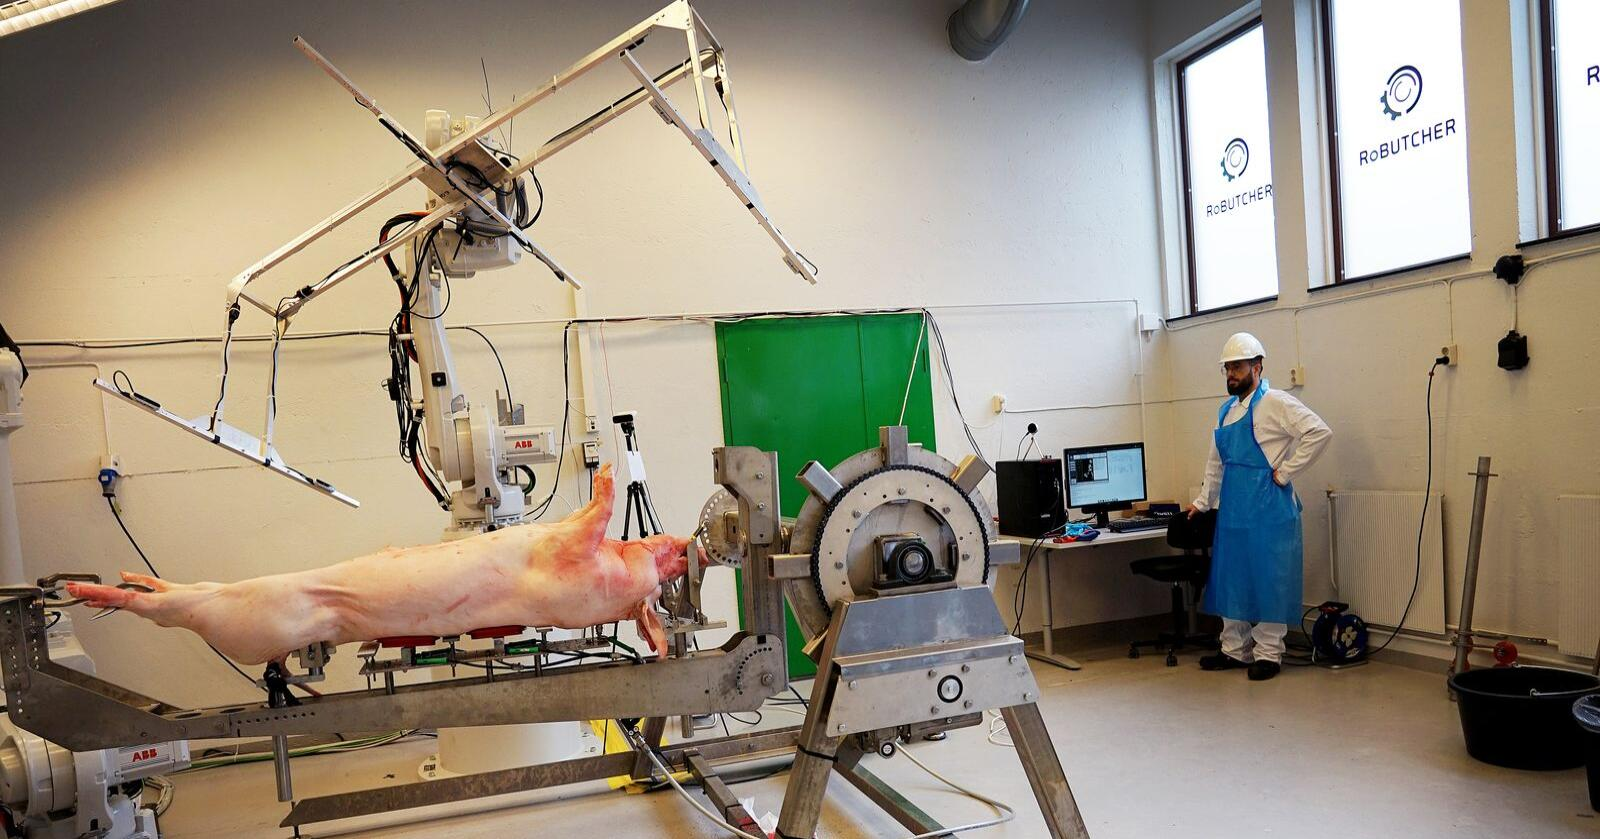 Doktorgradstipendiat ved NMBU, Ian Esper, følger med når grisen blir 3D-scannet av en robot. På sikt skal roboten skjære opp grisen. Foto: Ingjerd Sørlie Yri